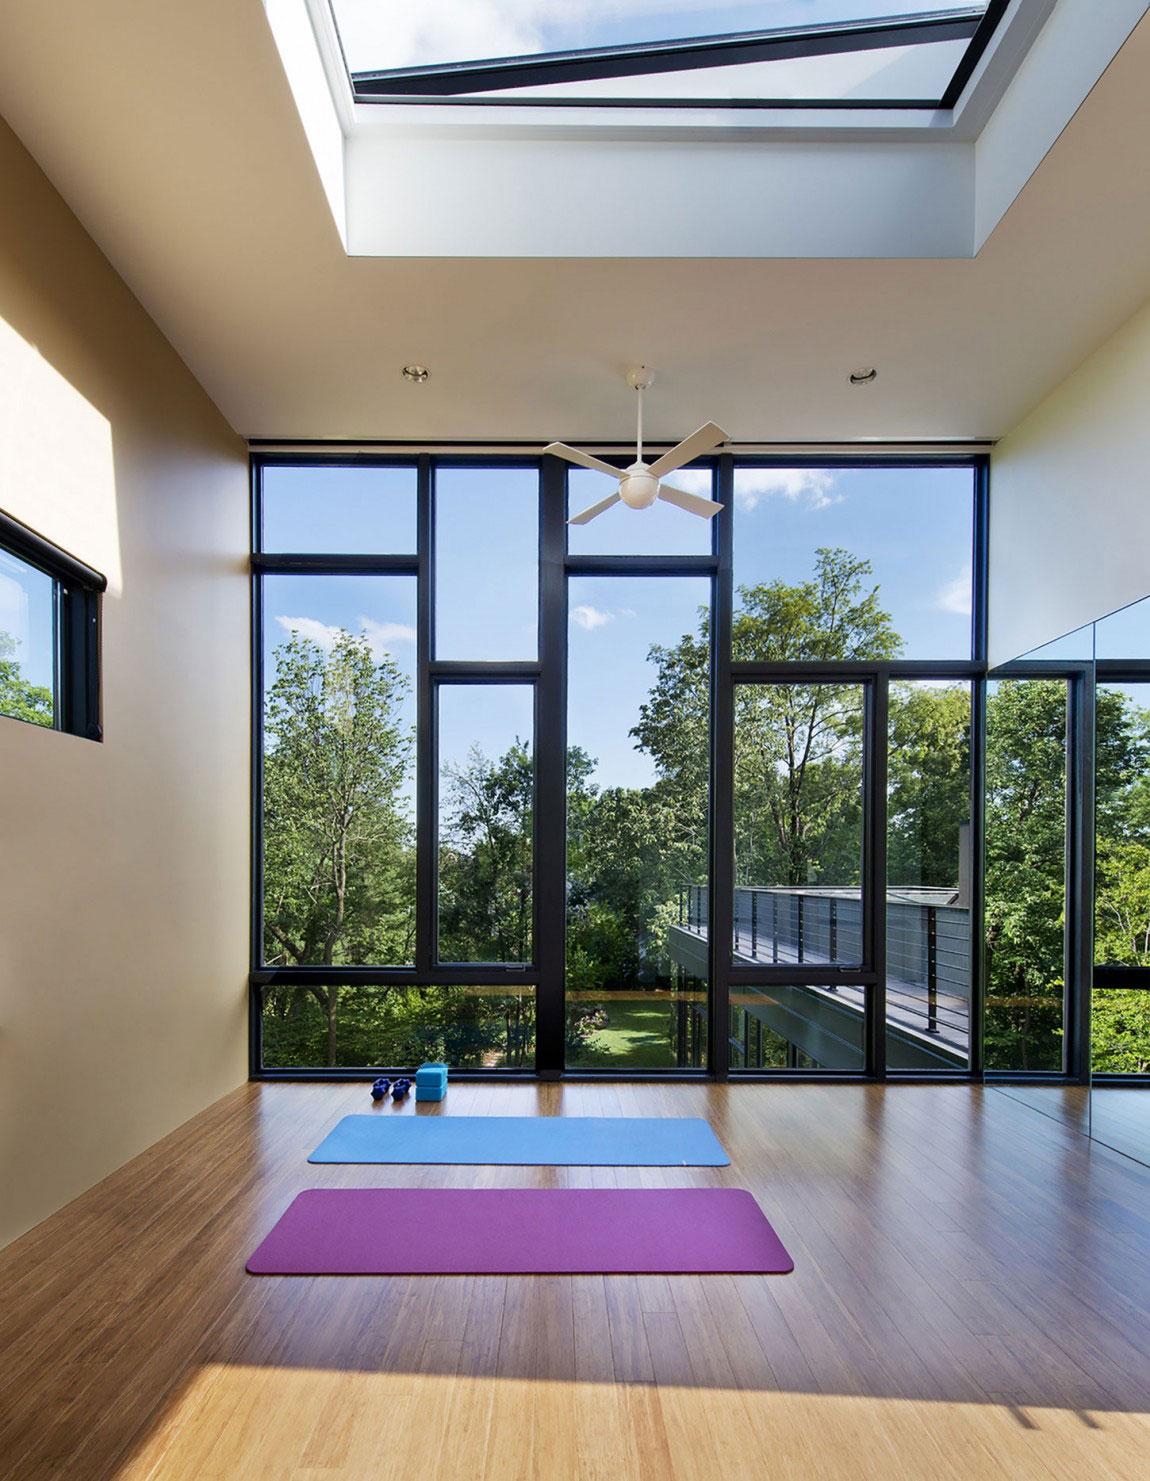 Brandywine-huset-är-en-inredning-och-arkitektur-inspiration-16 Brandywine-huset är en inspiration för inredning och arkitektur